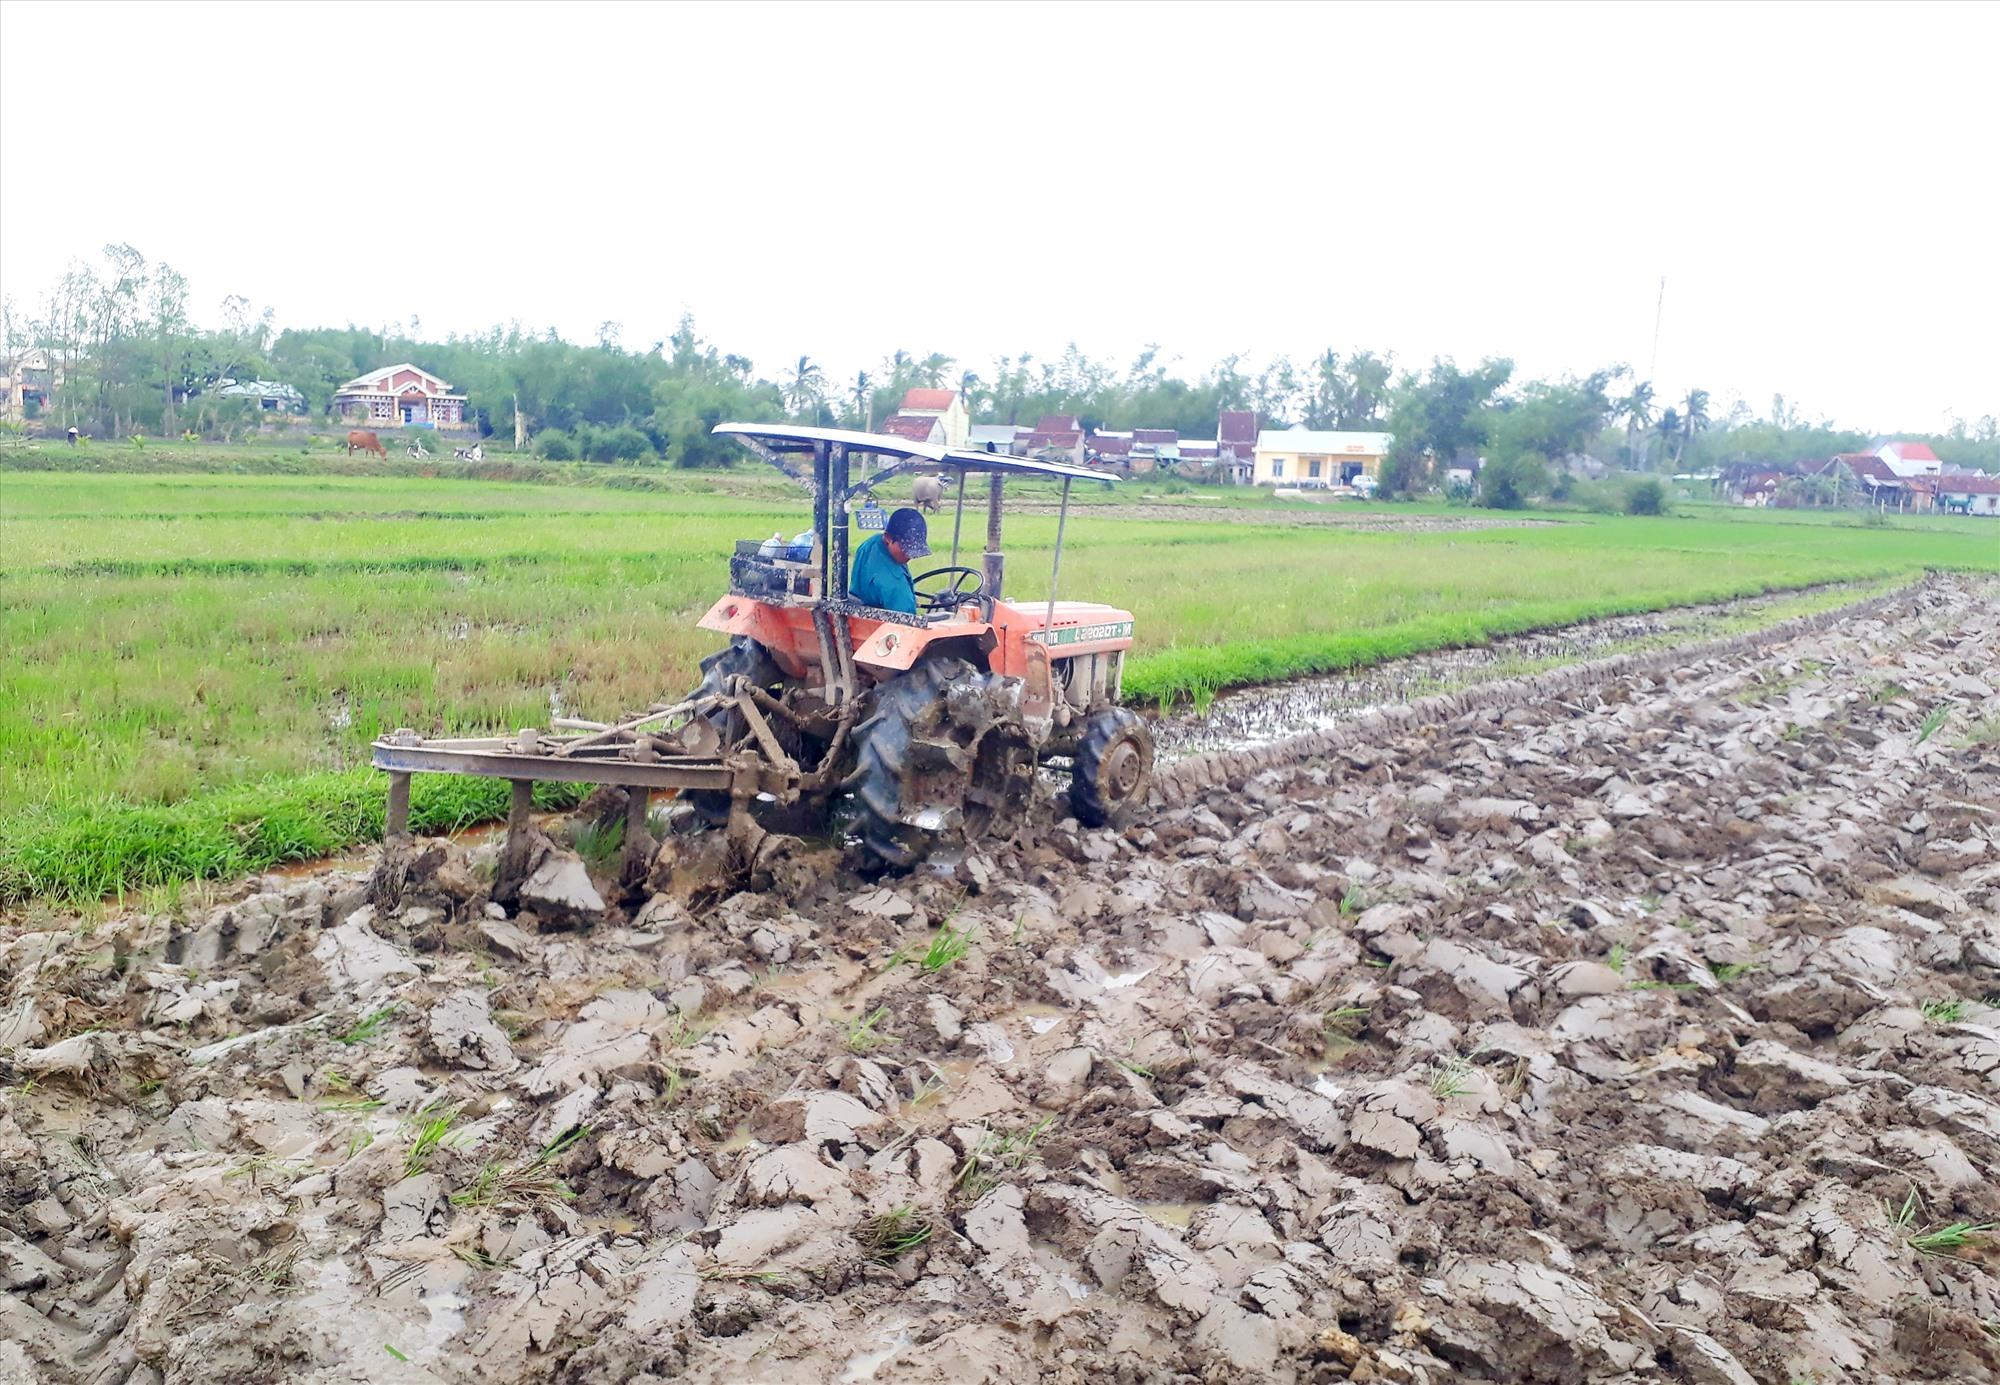 Nông dân Quế Sơn tập trung làm đất để chuẩn bị triển khai sản xuất đông xuân 2020 - 2021 theo đúng lịch thời vụ. Ảnh: T.L